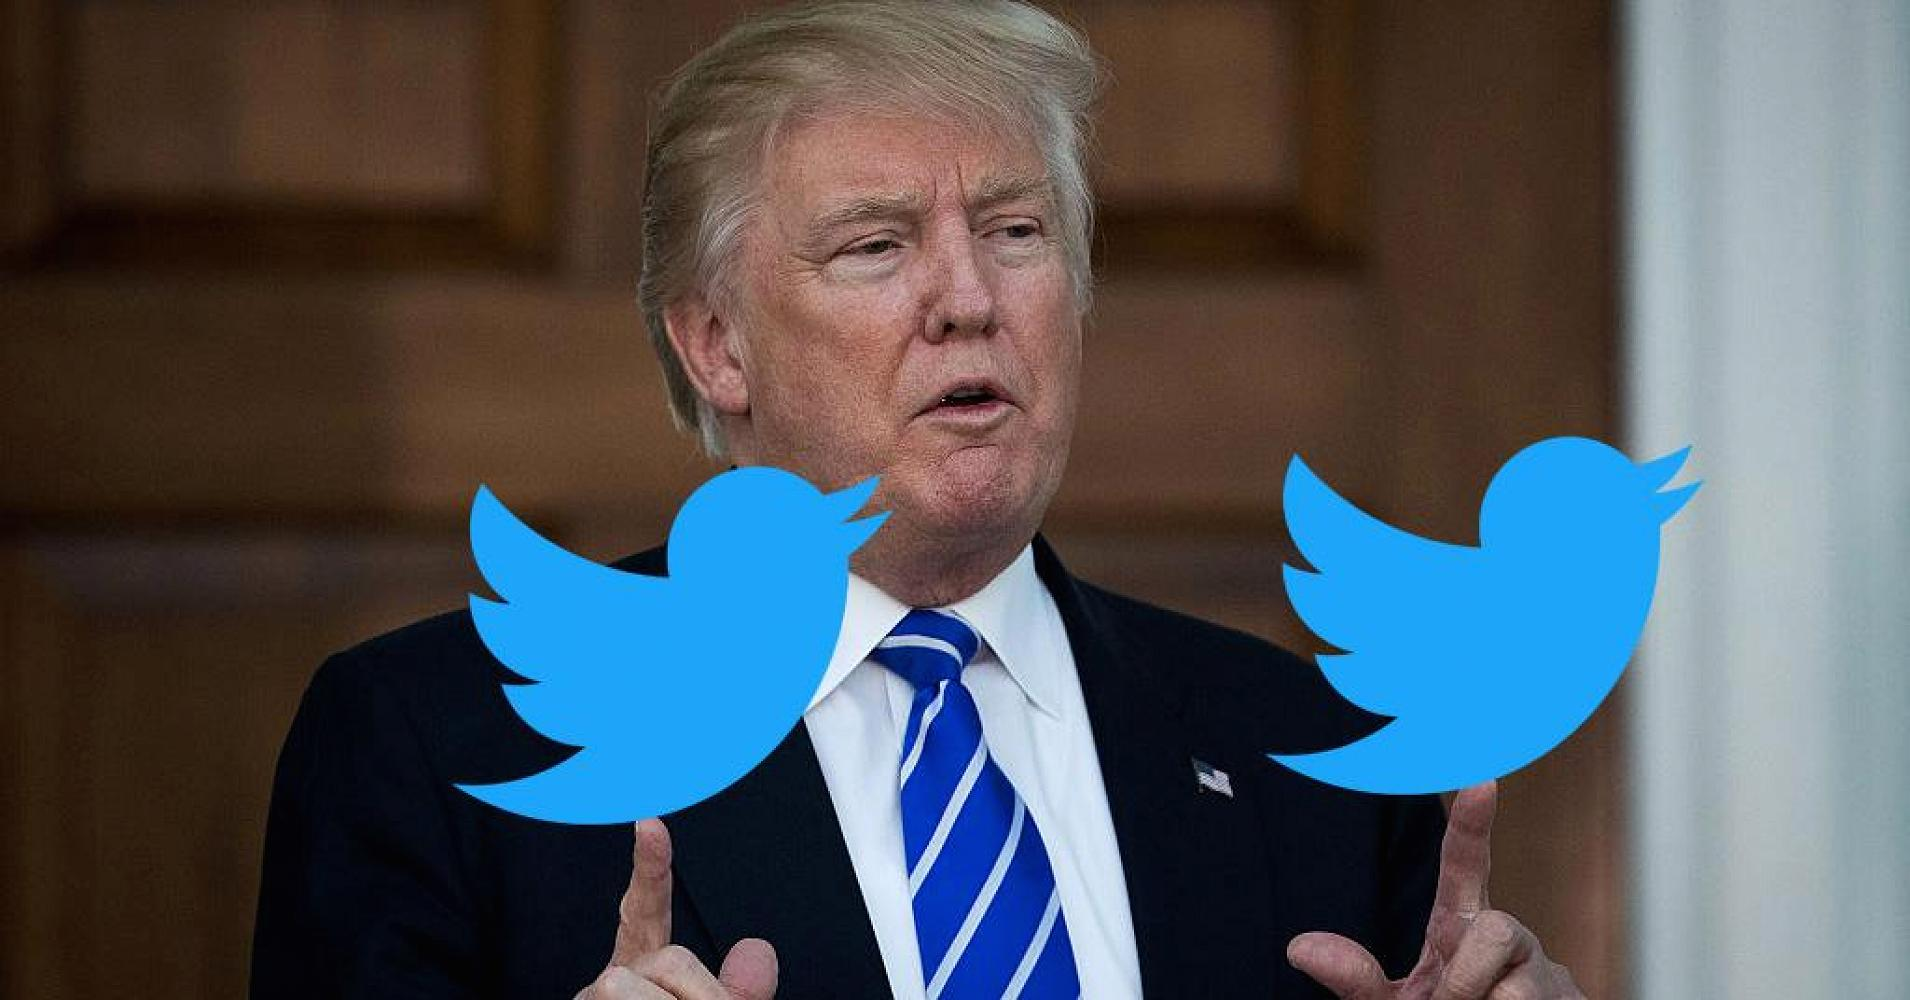 Trump'dan KDHC ve Güney Kore yorumu: Aptallar